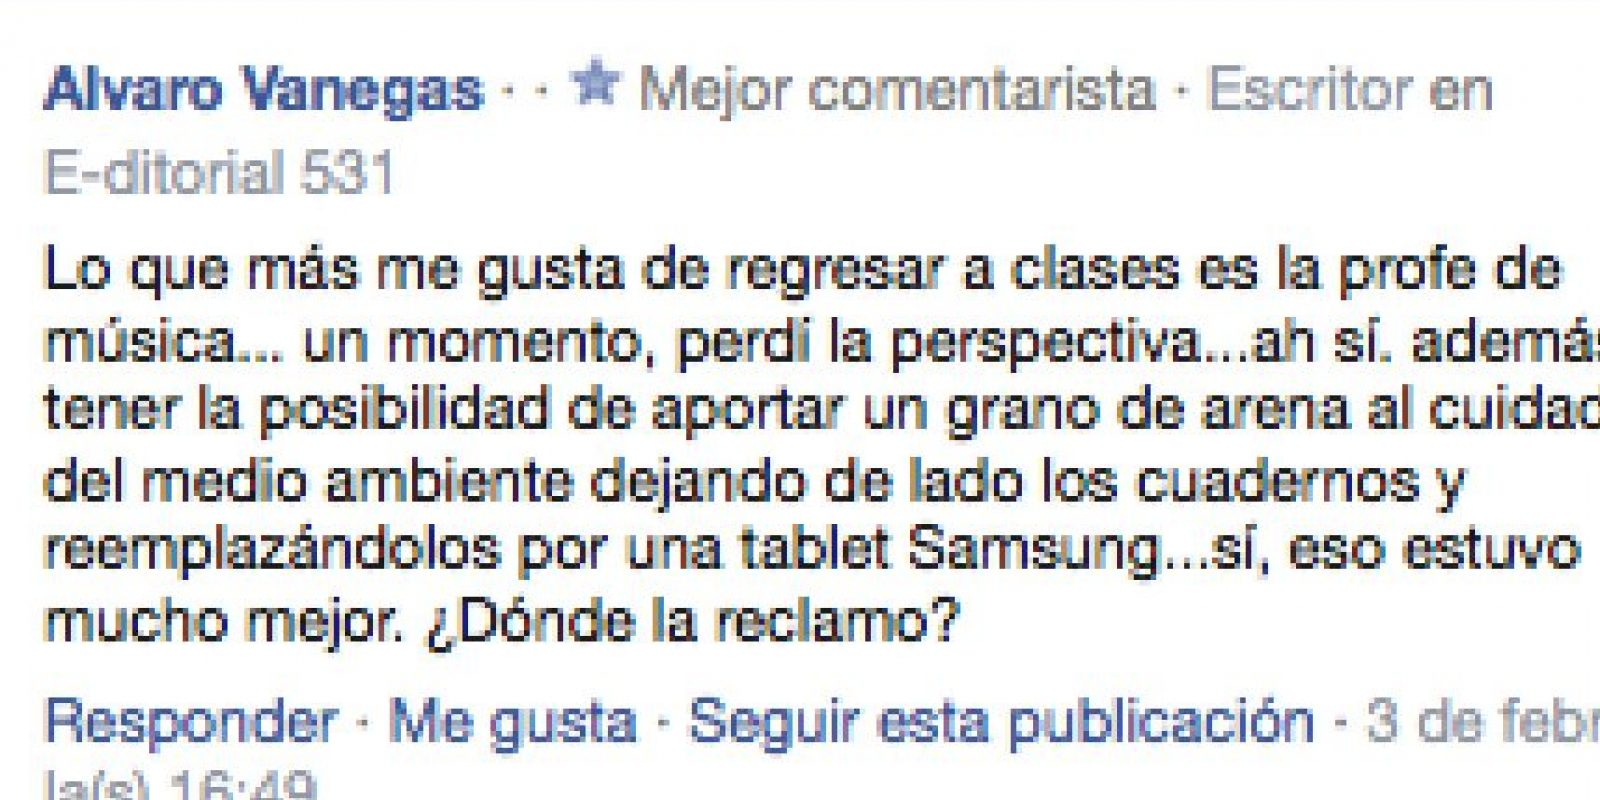 6) Alvaro Vanegas